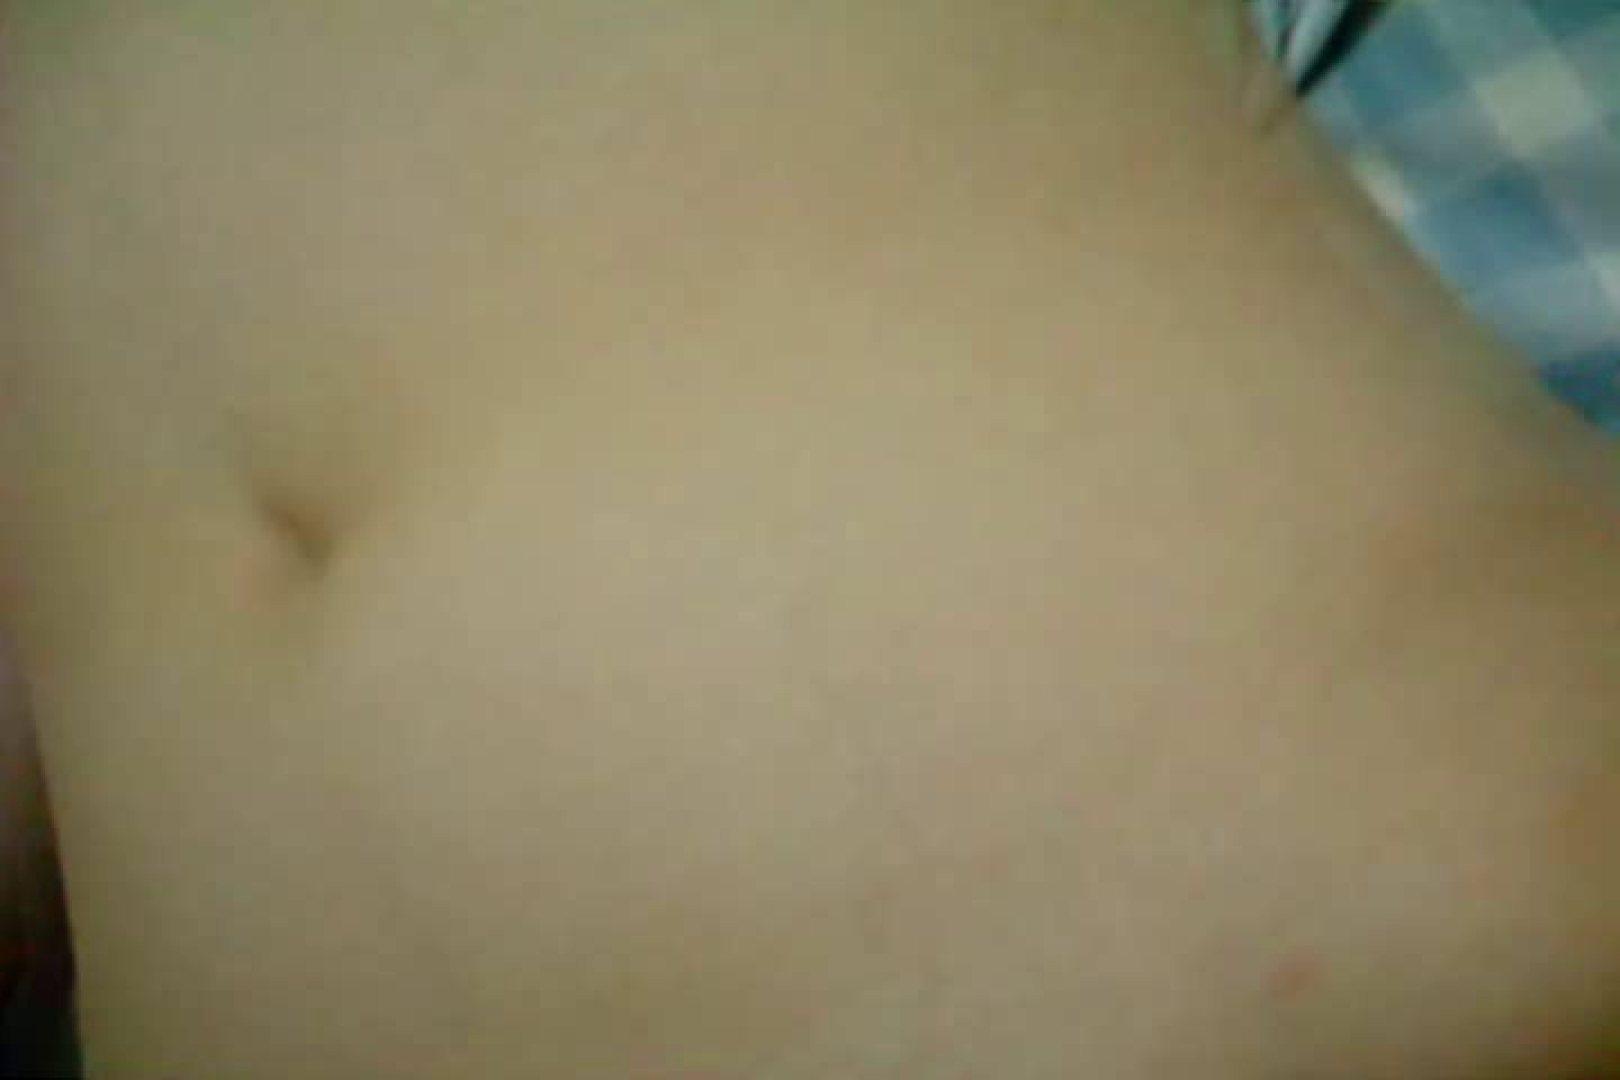 ウイルス流出 鹿児島県庁職員 中瀬瀬久成の流出ビデオ 超エロギャル SEX無修正画像 69枚 2